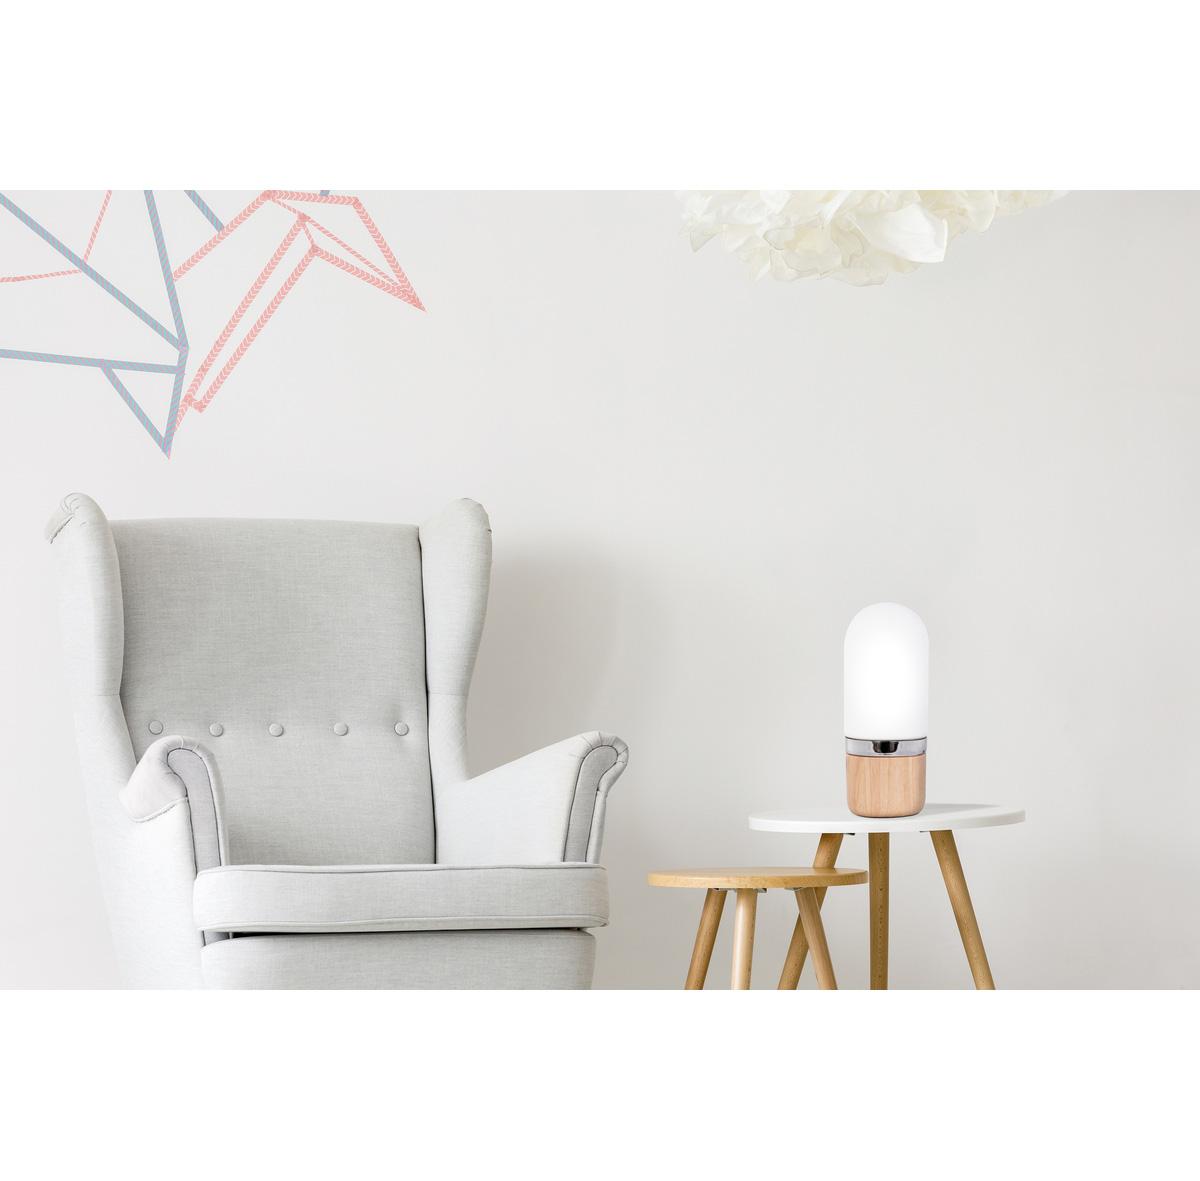 Wit klein lampje kopen? | Lampen & verlichting | kameraankleden.nl